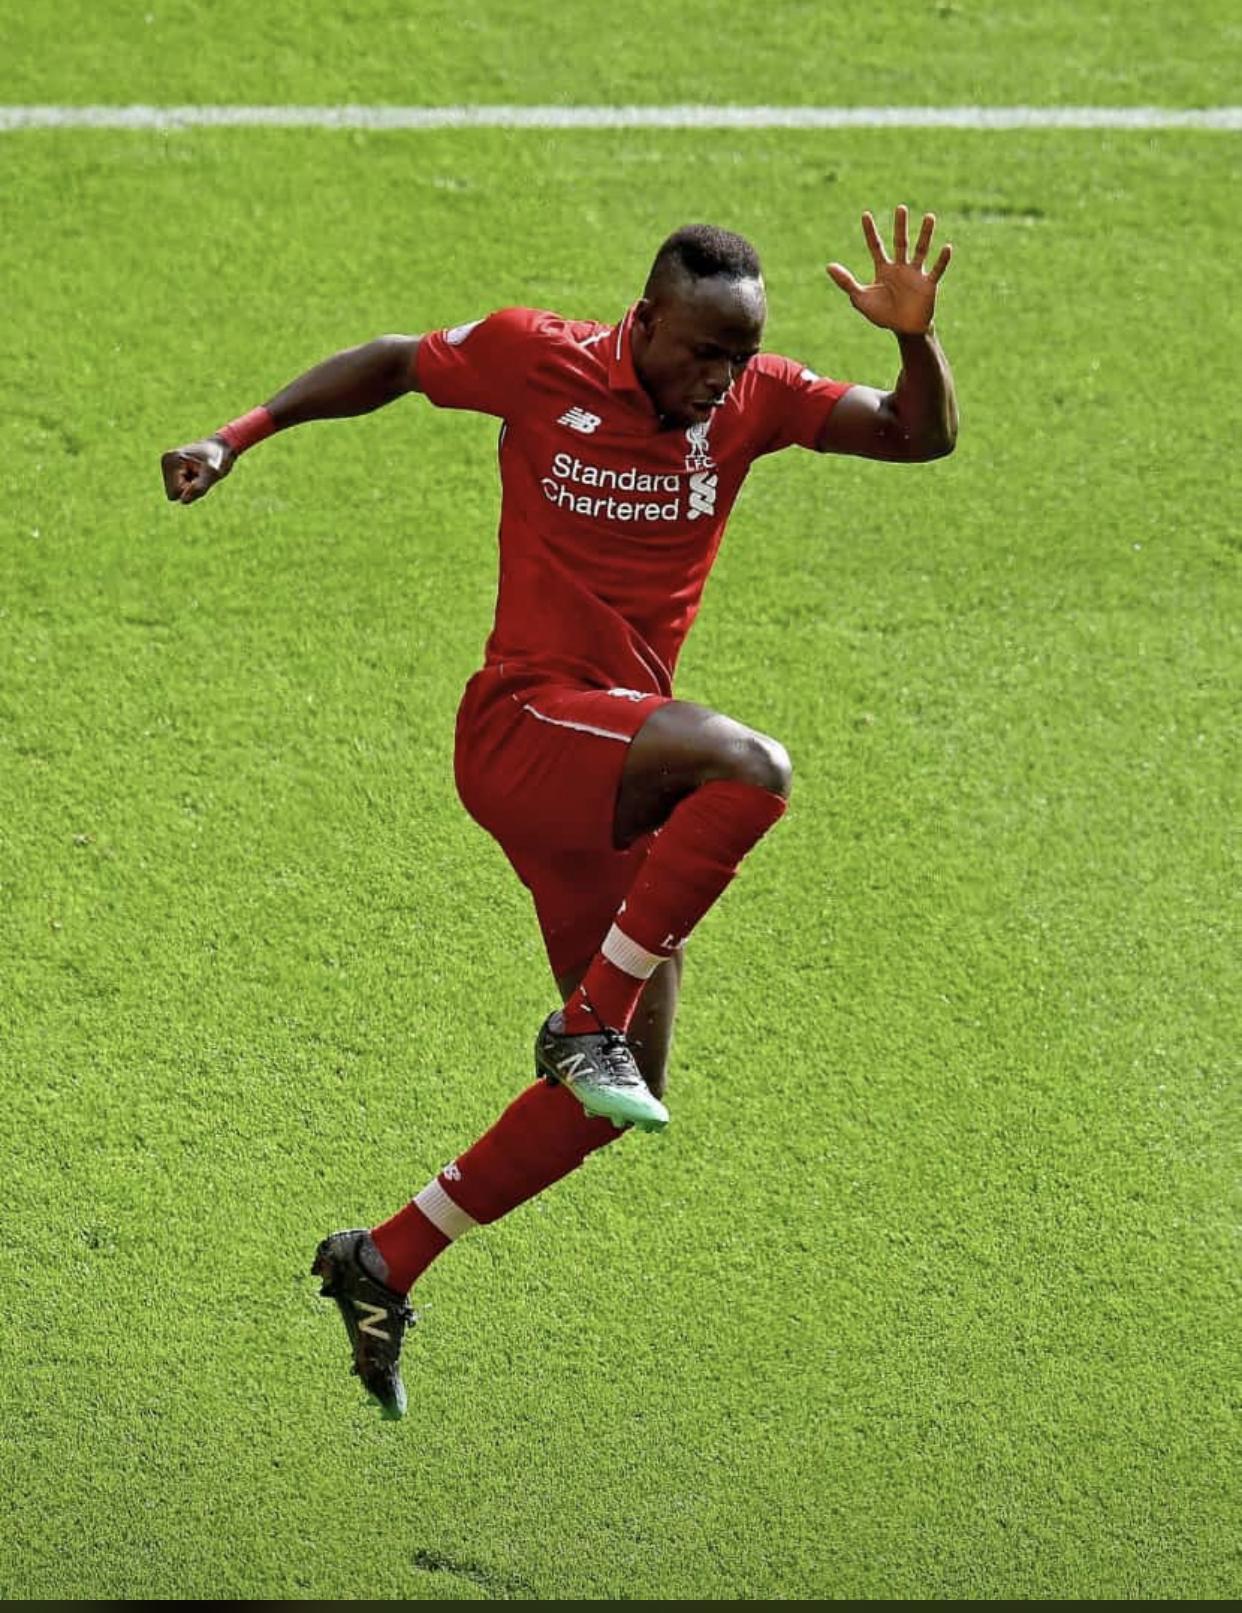 Liverpool renverse Burnley grâce à un doublé de Sadio Mané et Firmino